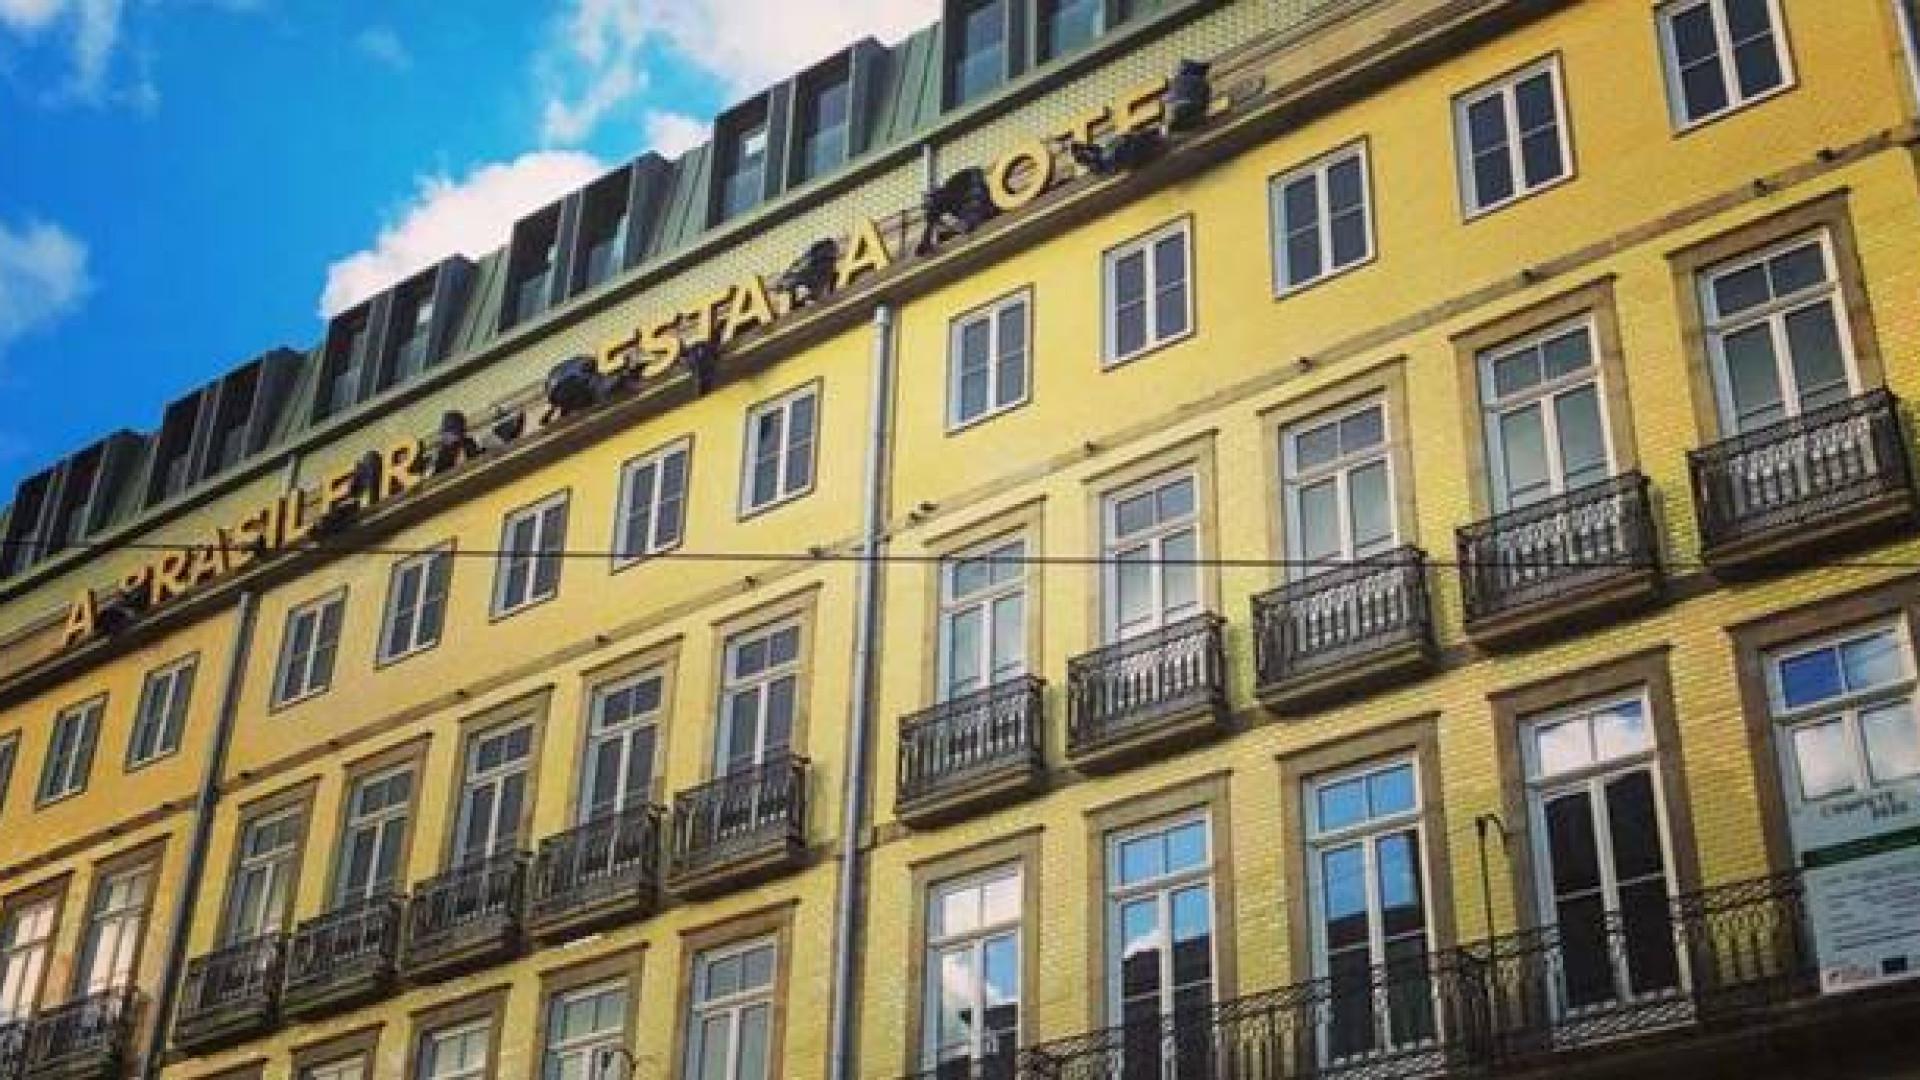 Pestana abre hotel de cinco estrelas no edifício 'A Brasileira' do Porto